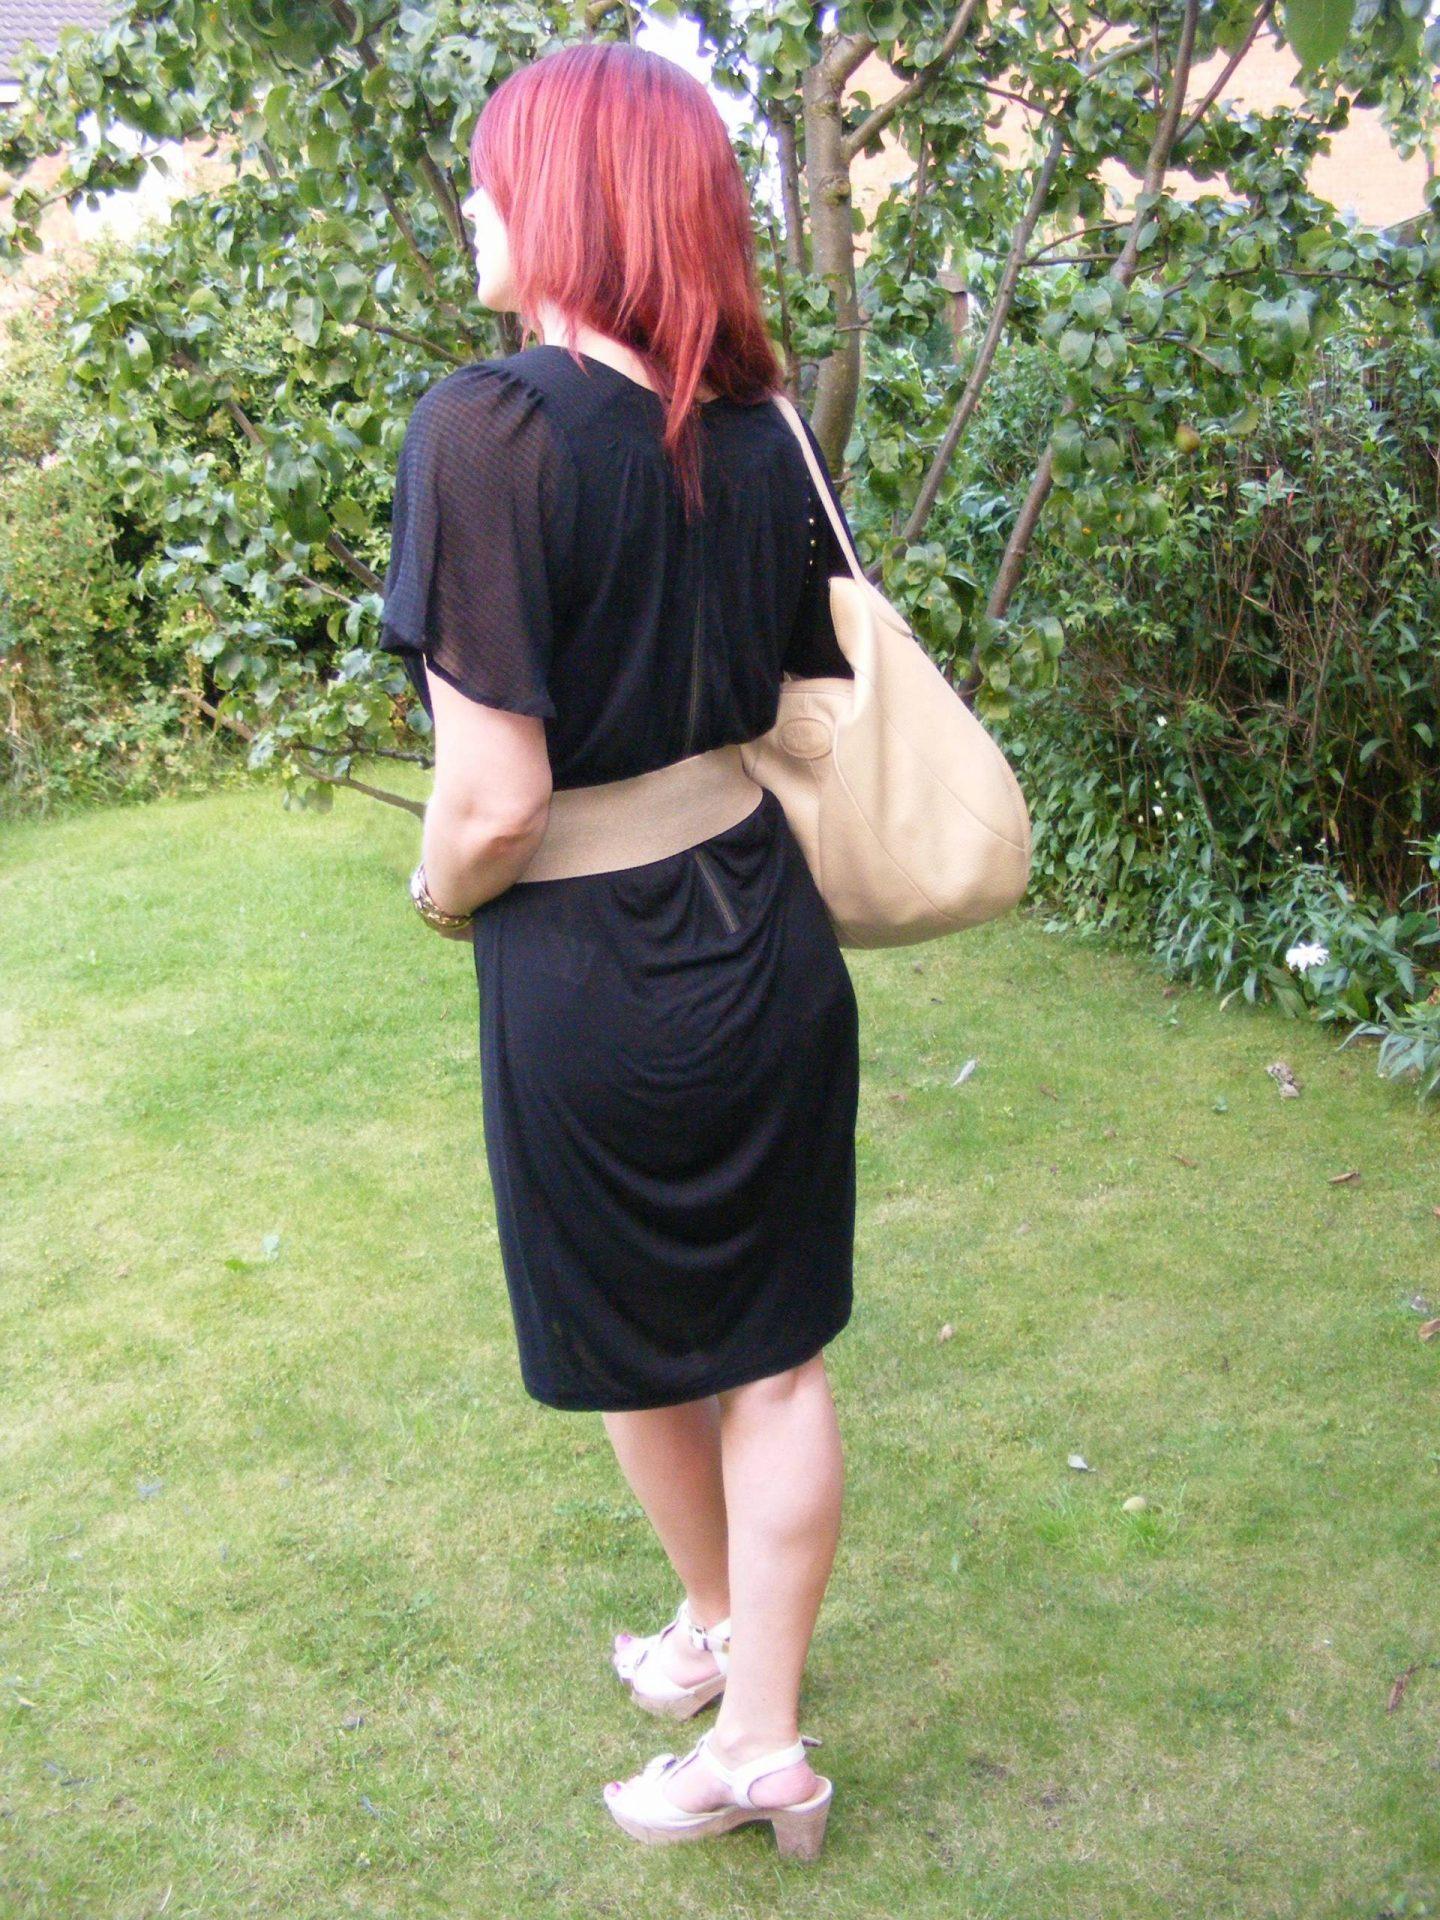 A Wear black dress